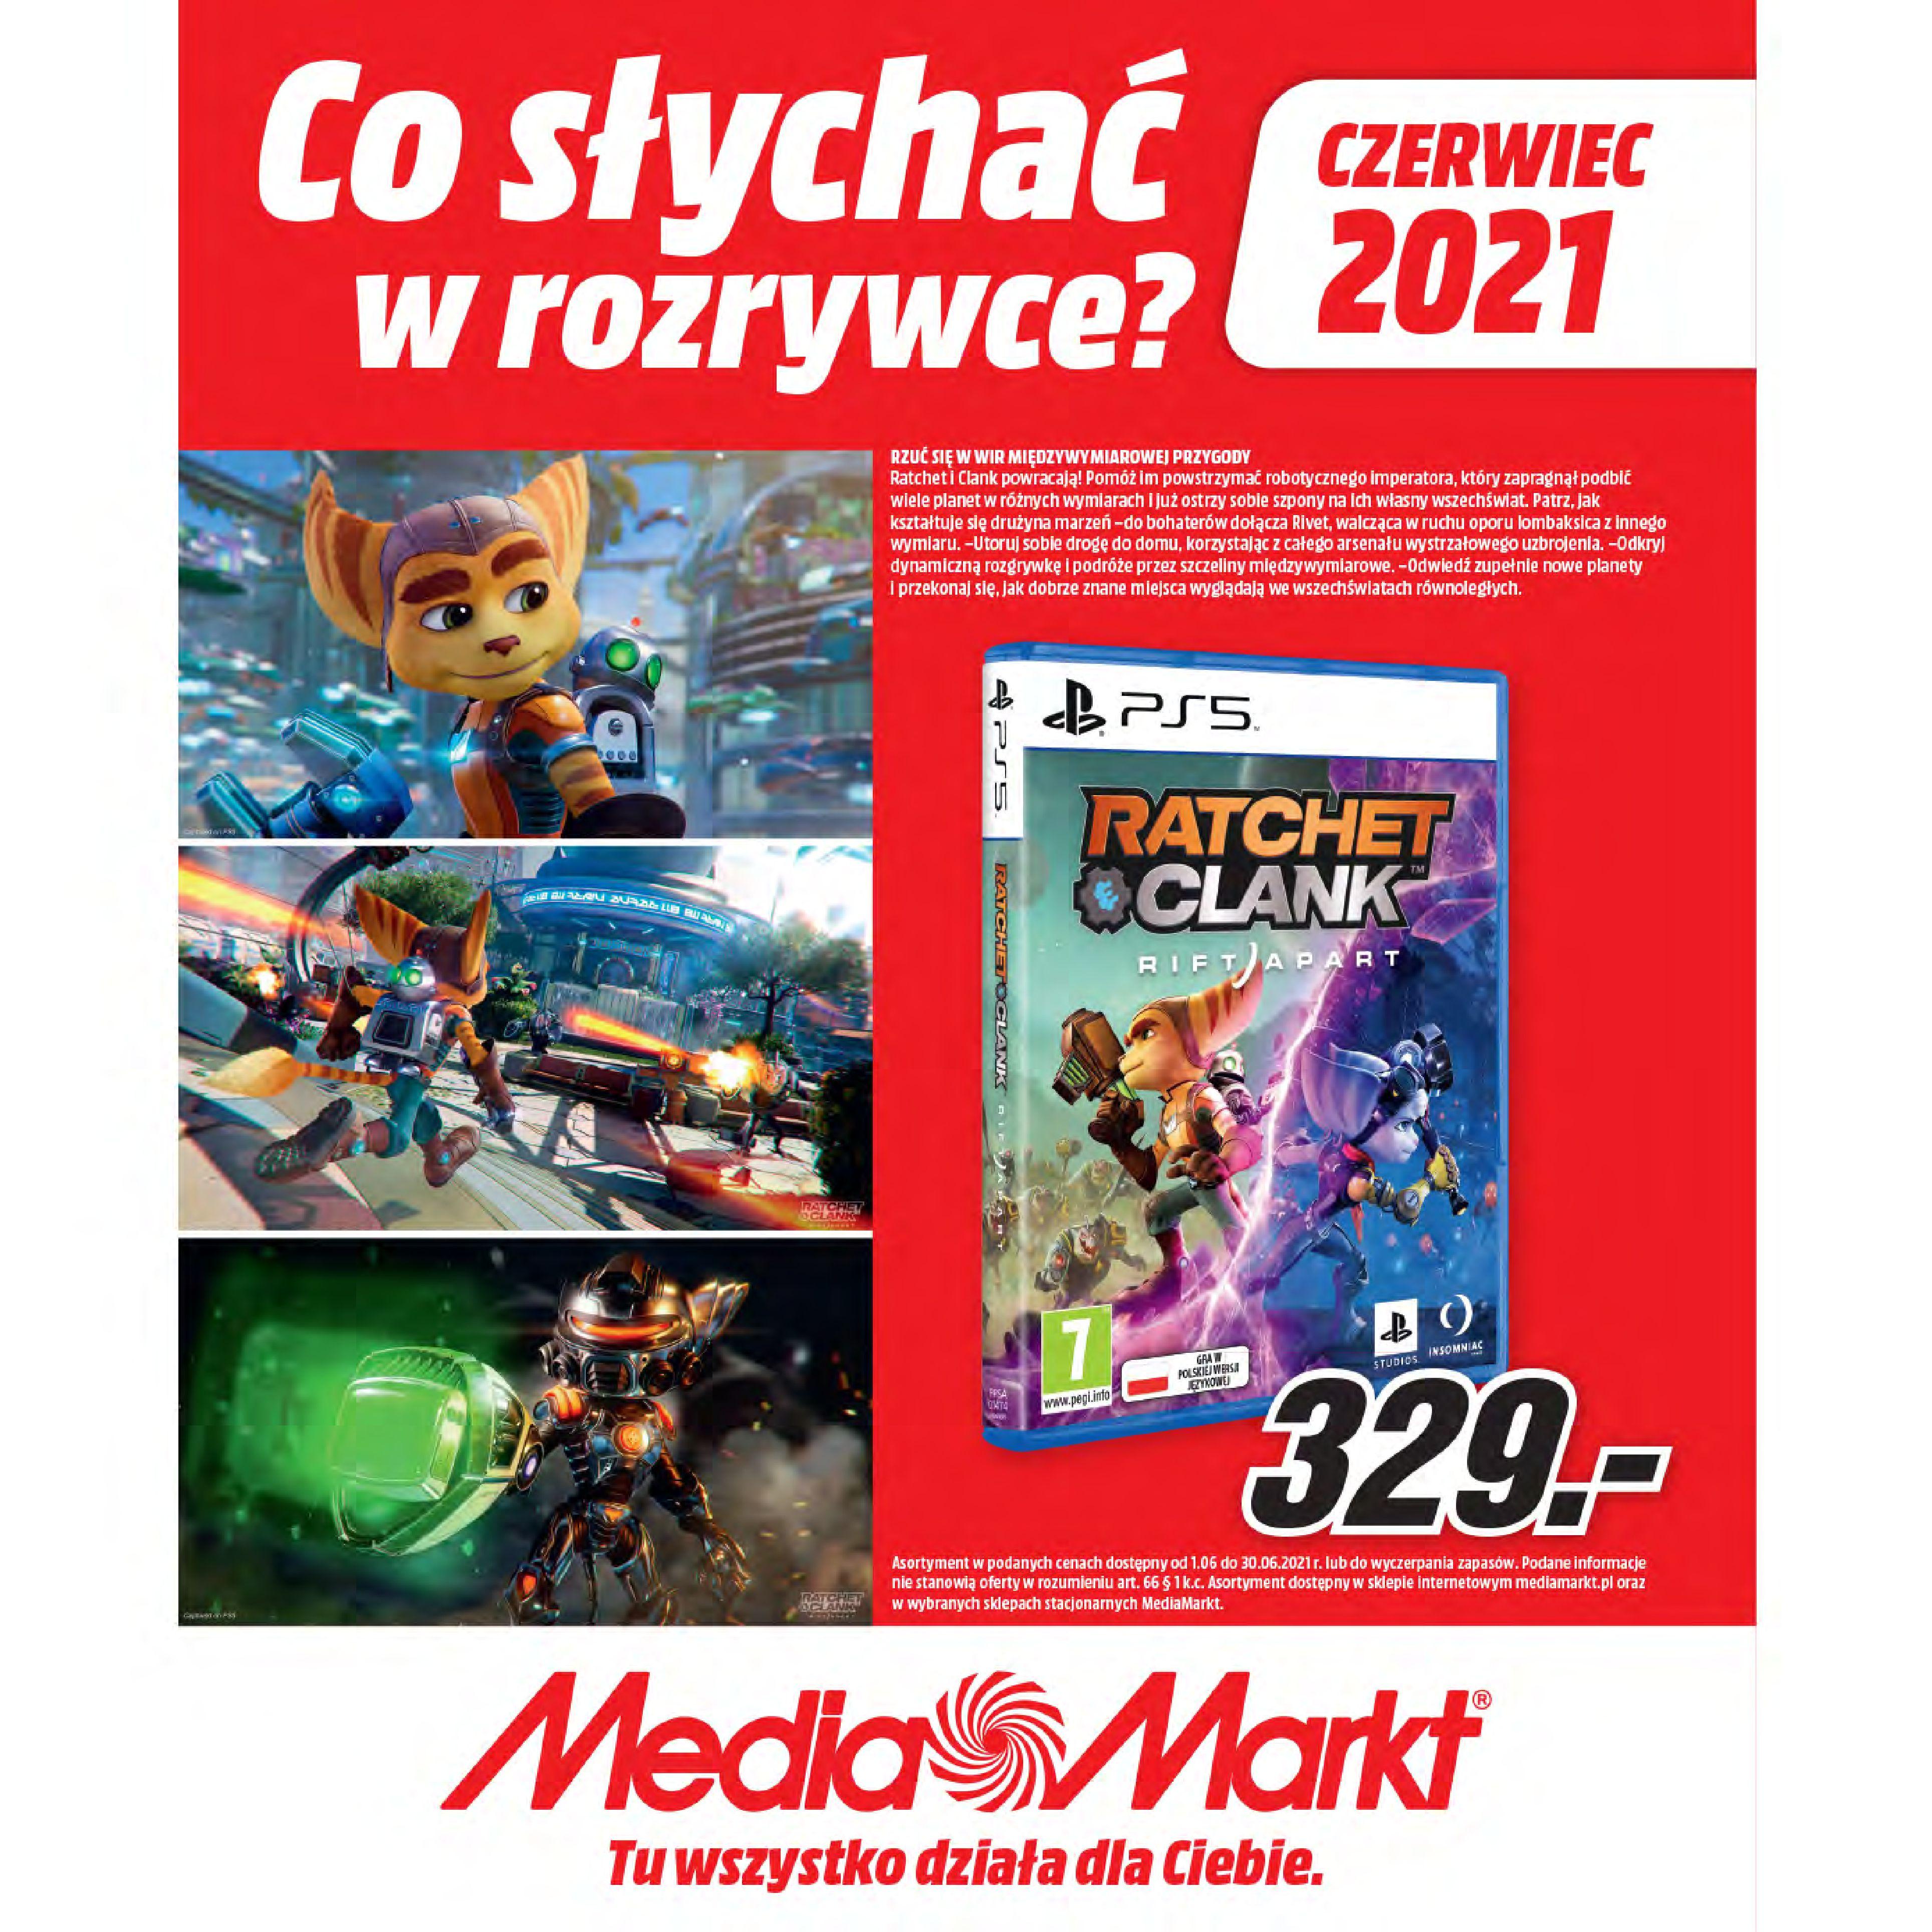 Media Markt:  Gazetka Media Markt - Czerwiec 2021 23.06.2021